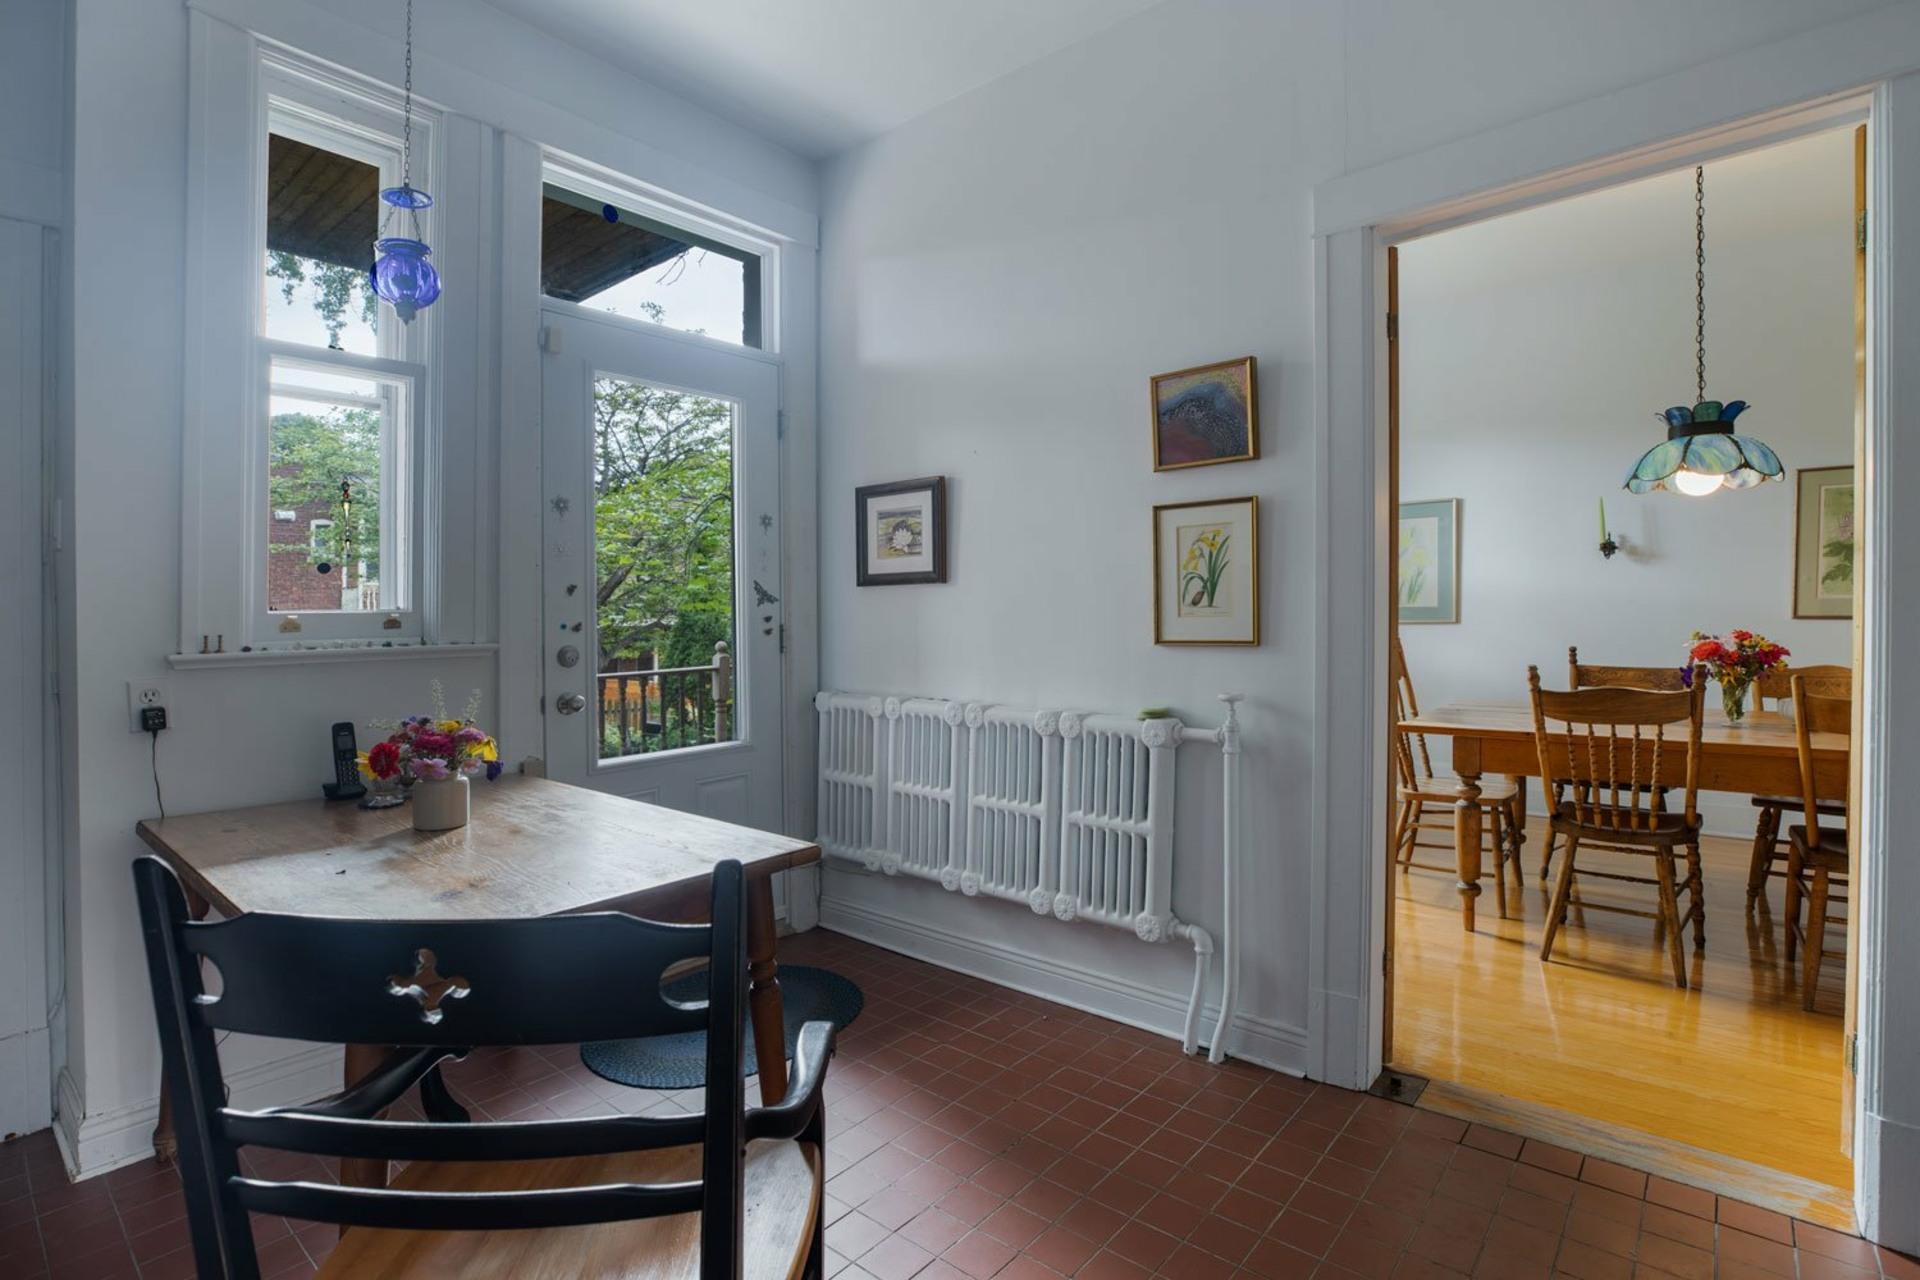 image 5 - Maison À vendre Côte-des-Neiges/Notre-Dame-de-Grâce Montréal  - 10 pièces